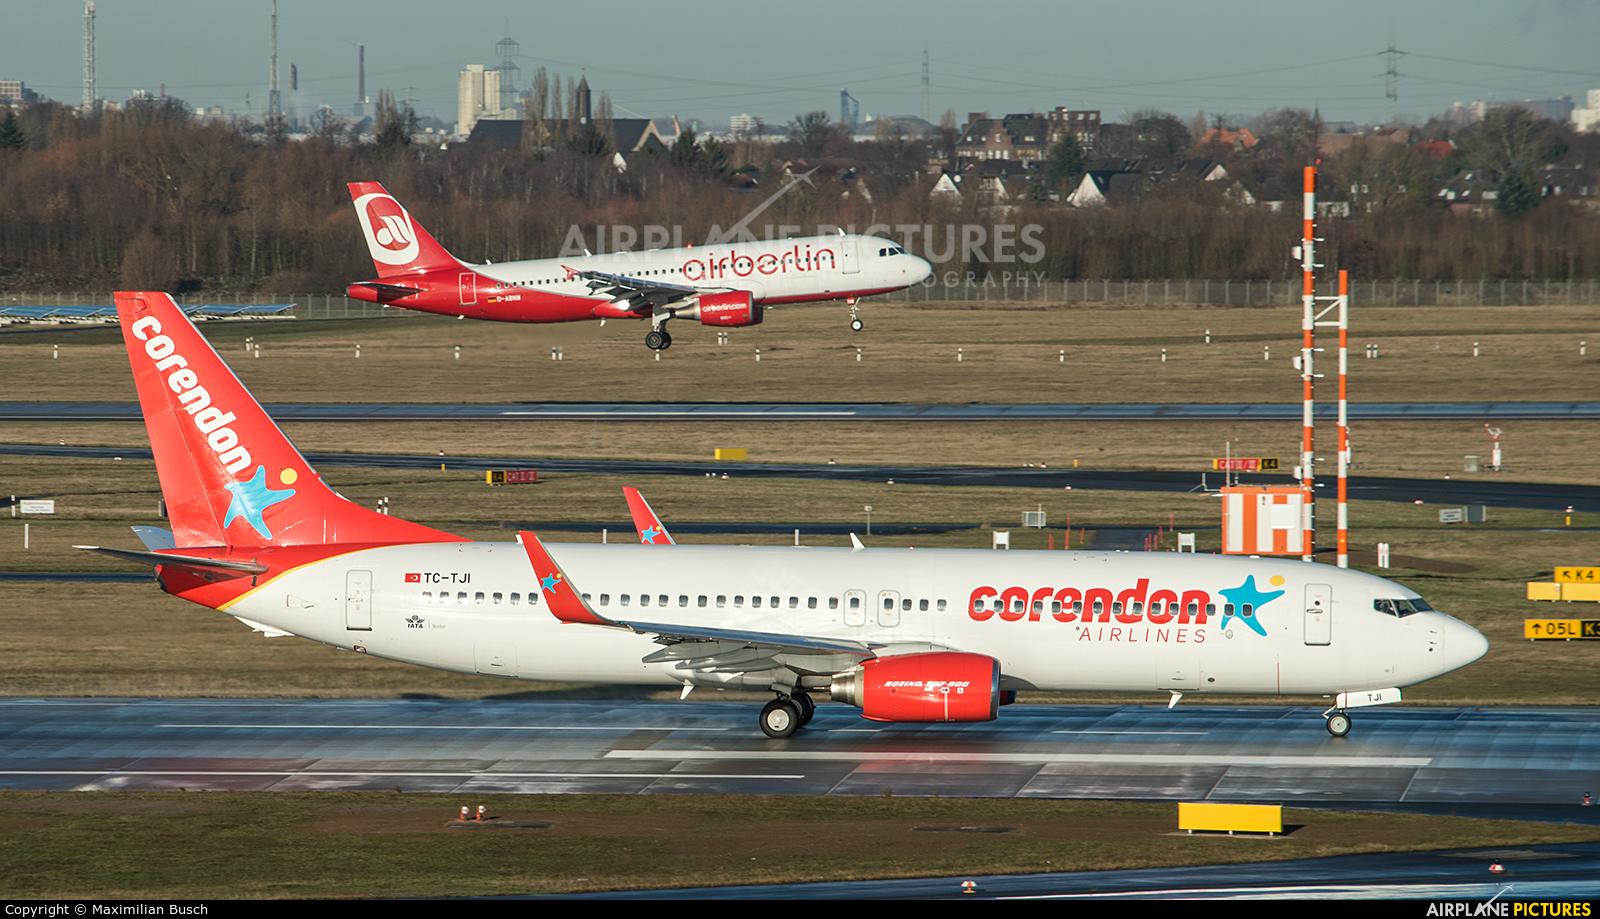 Corendon Airlines TC-TJI aircraft at Düsseldorf